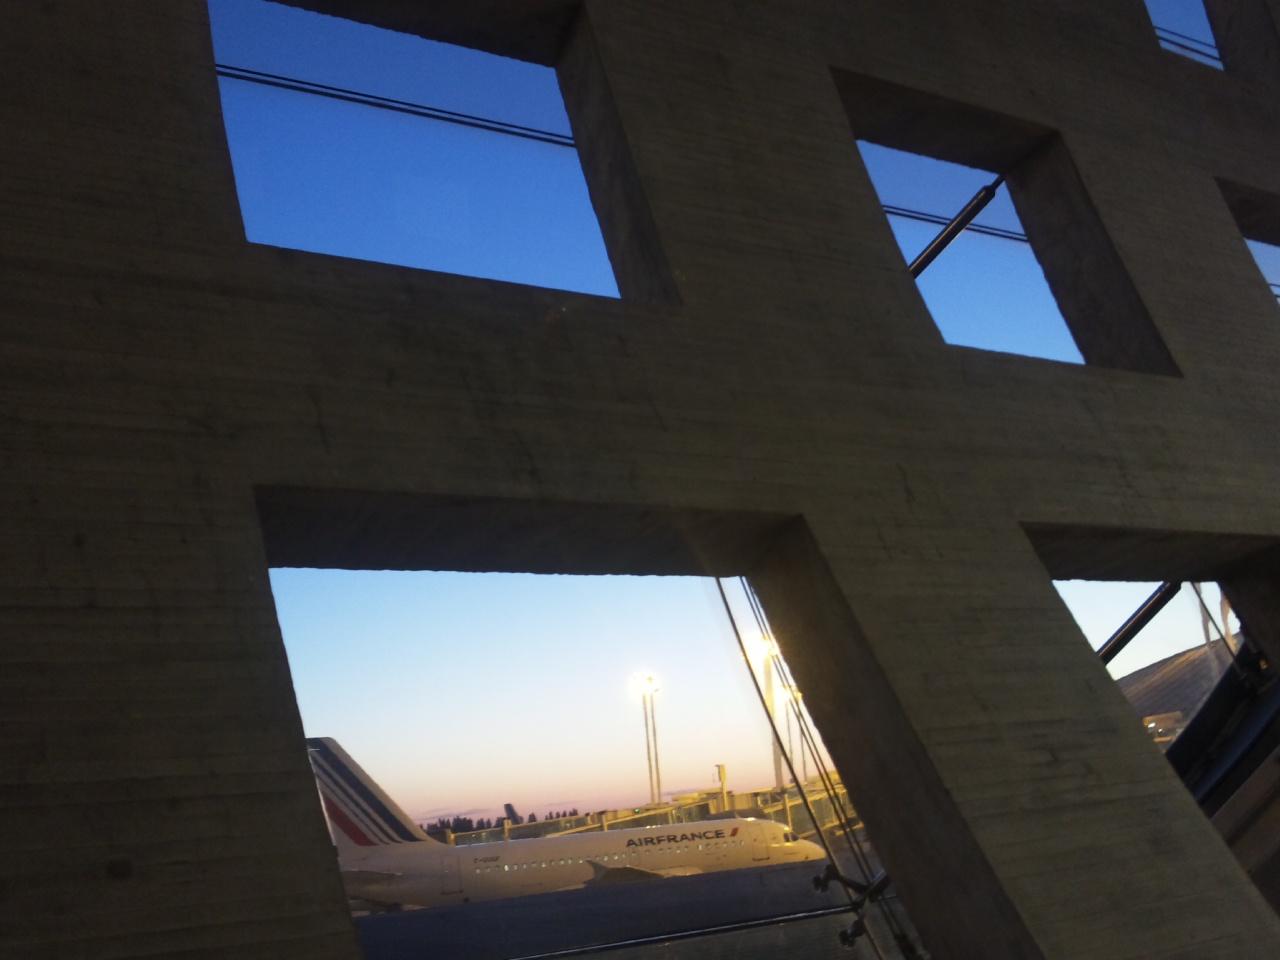 シャルル・ド・ゴール空港到着!